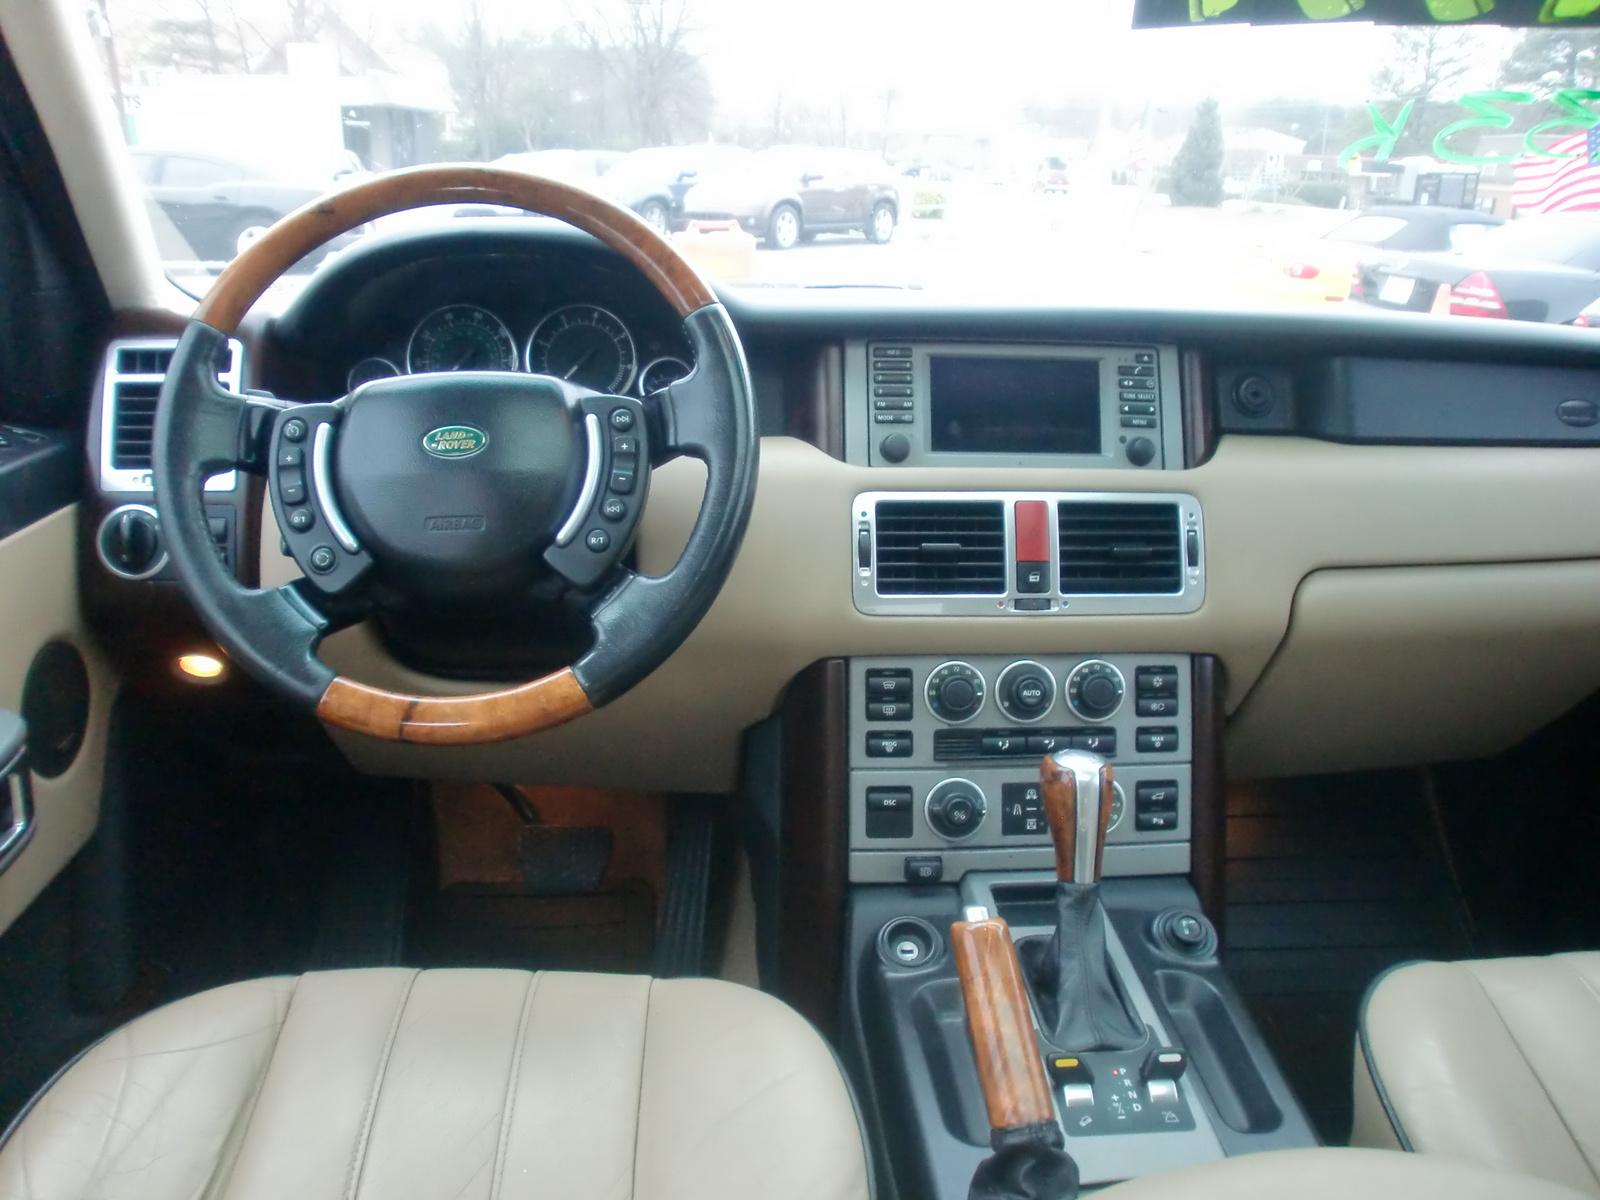 2003 Land Rover Range Rover Interior Pictures Cargurus